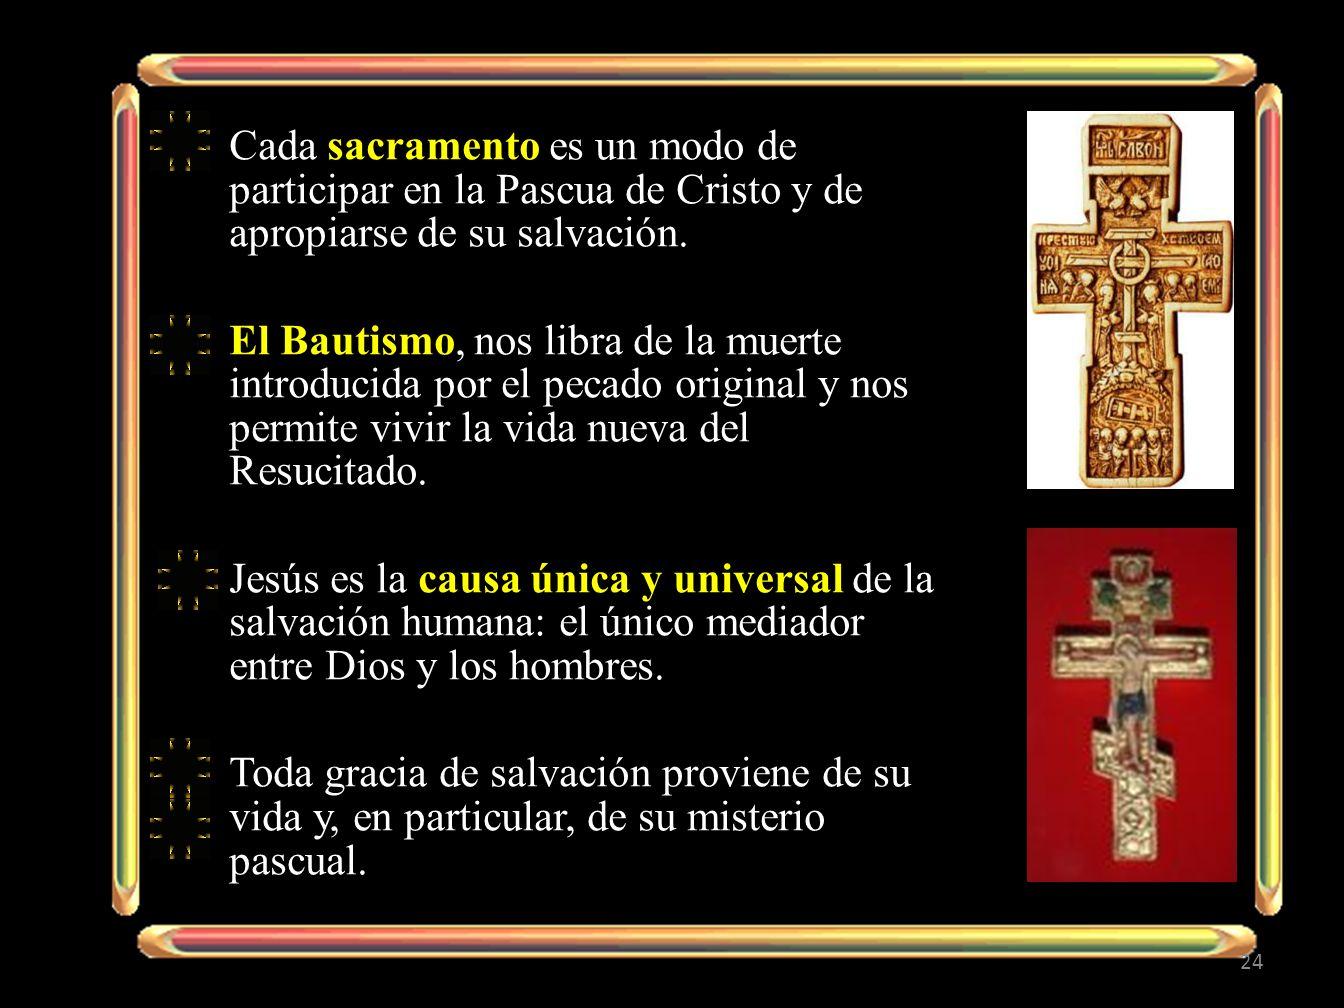 Cada sacramento es un modo de participar en la Pascua de Cristo y de apropiarse de su salvación. El Bautismo, nos libra de la muerte introducida por e